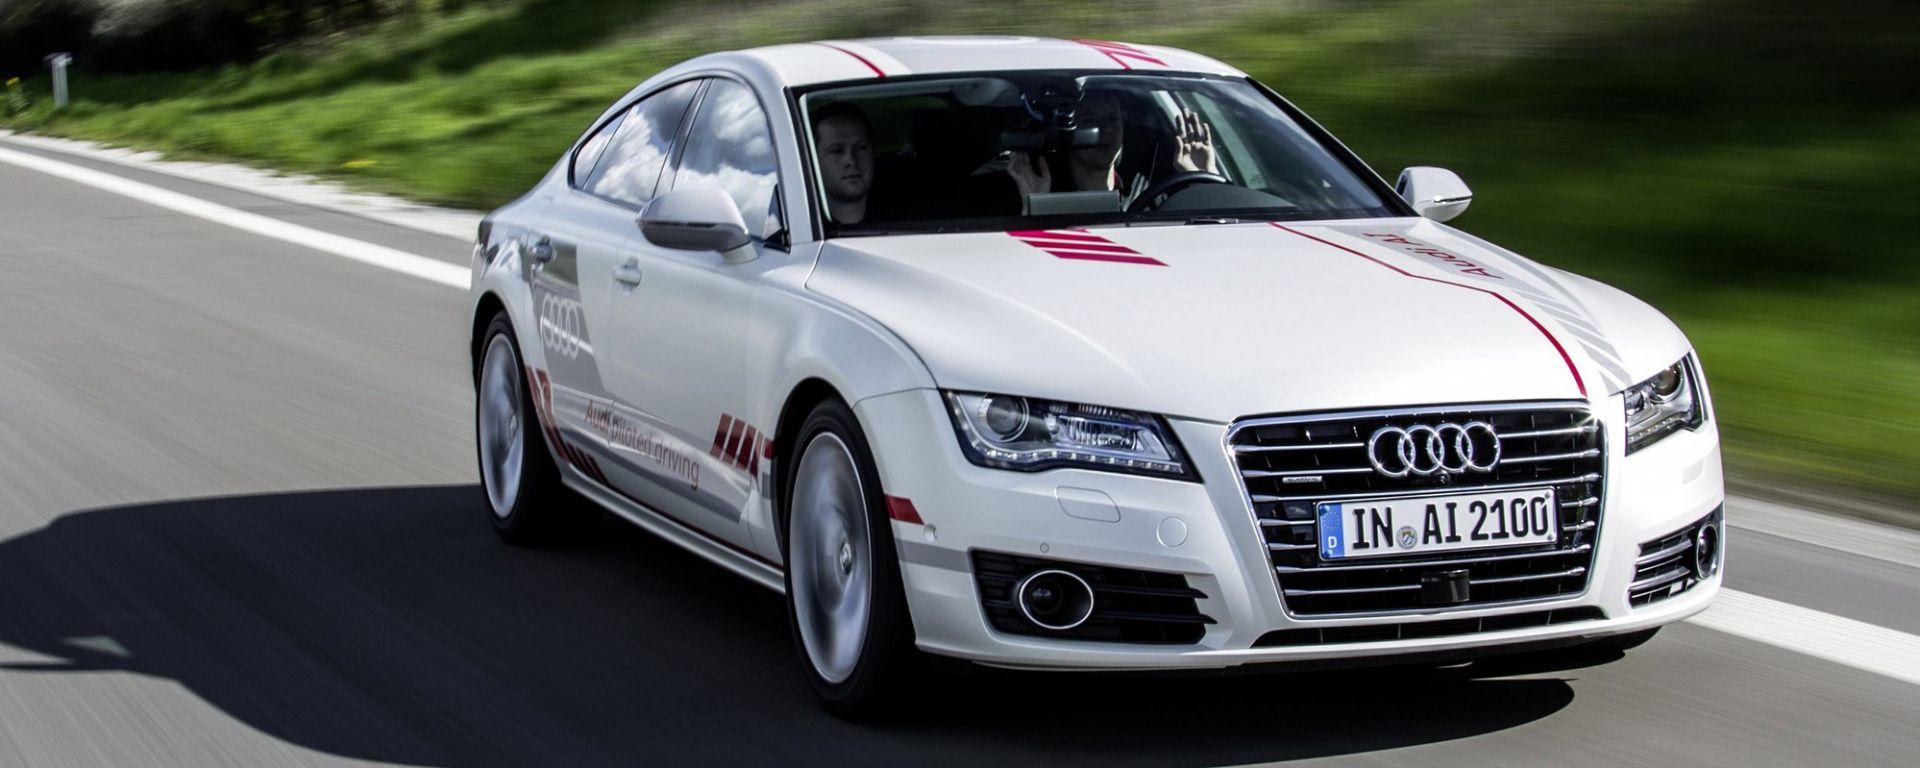 Audi A7 concept Jack: avanti con la guida autonoma